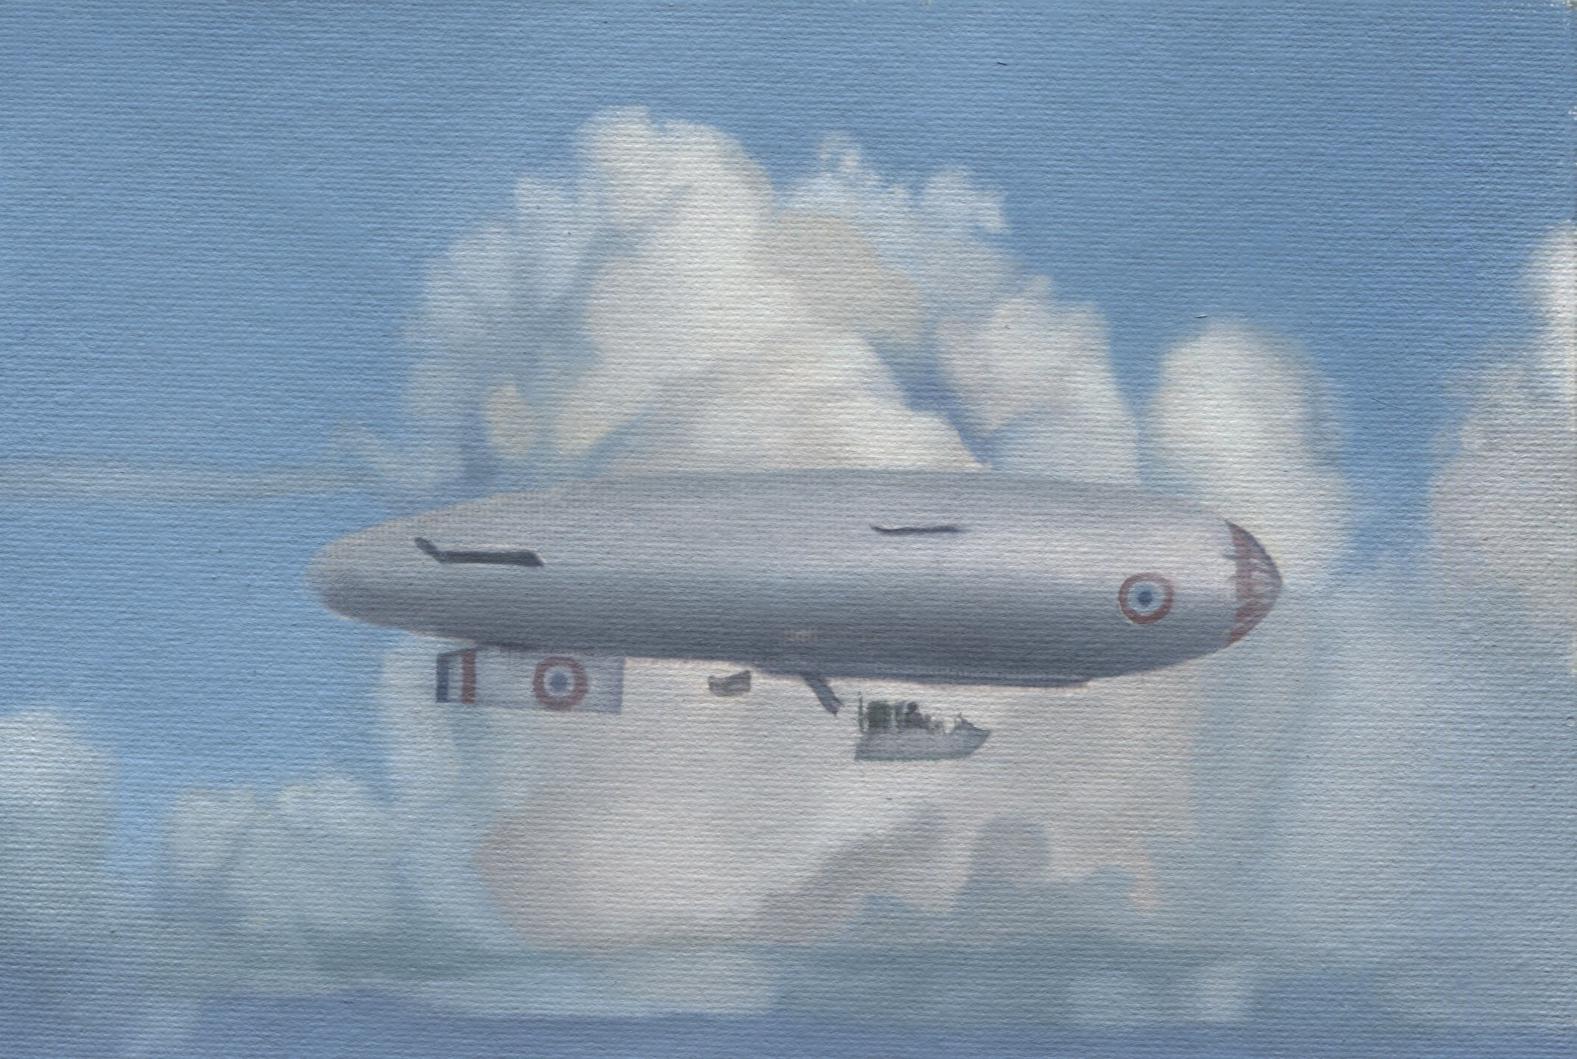 Airship 11